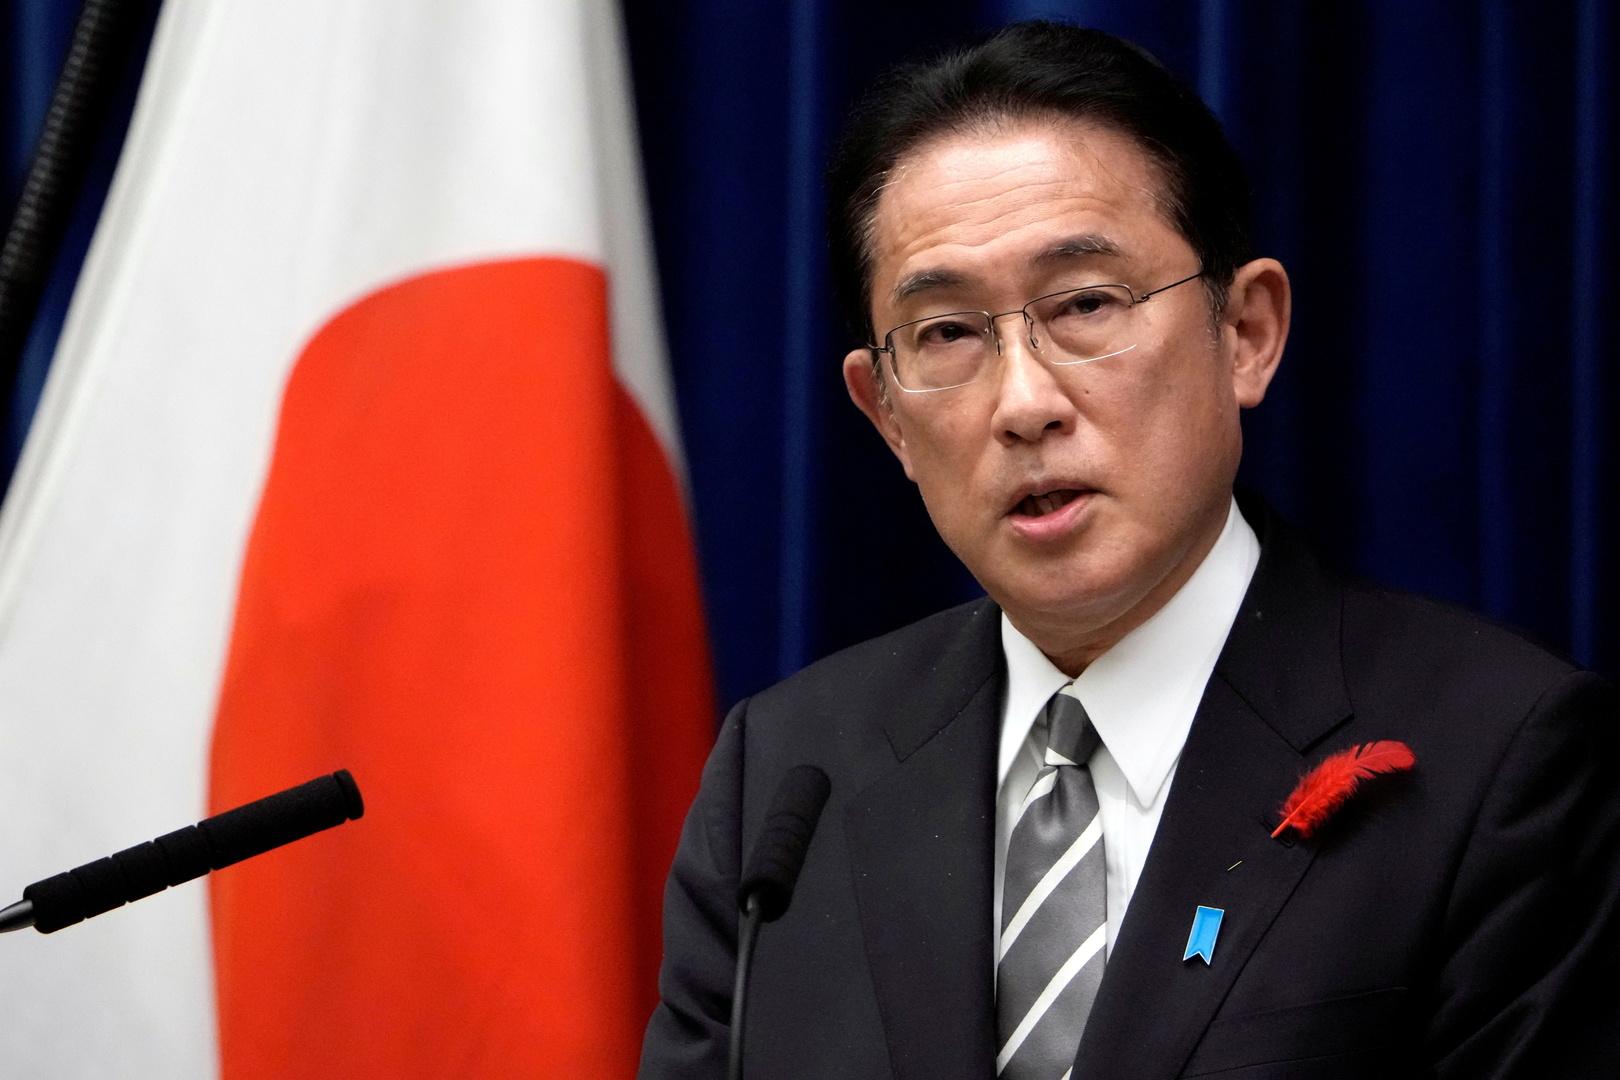 رئيس الوزراء الياباني يقطع جولة عمل ويعود إلى طوكيو بسبب إطلاق بيونغ يانغ لصاروخ جديد